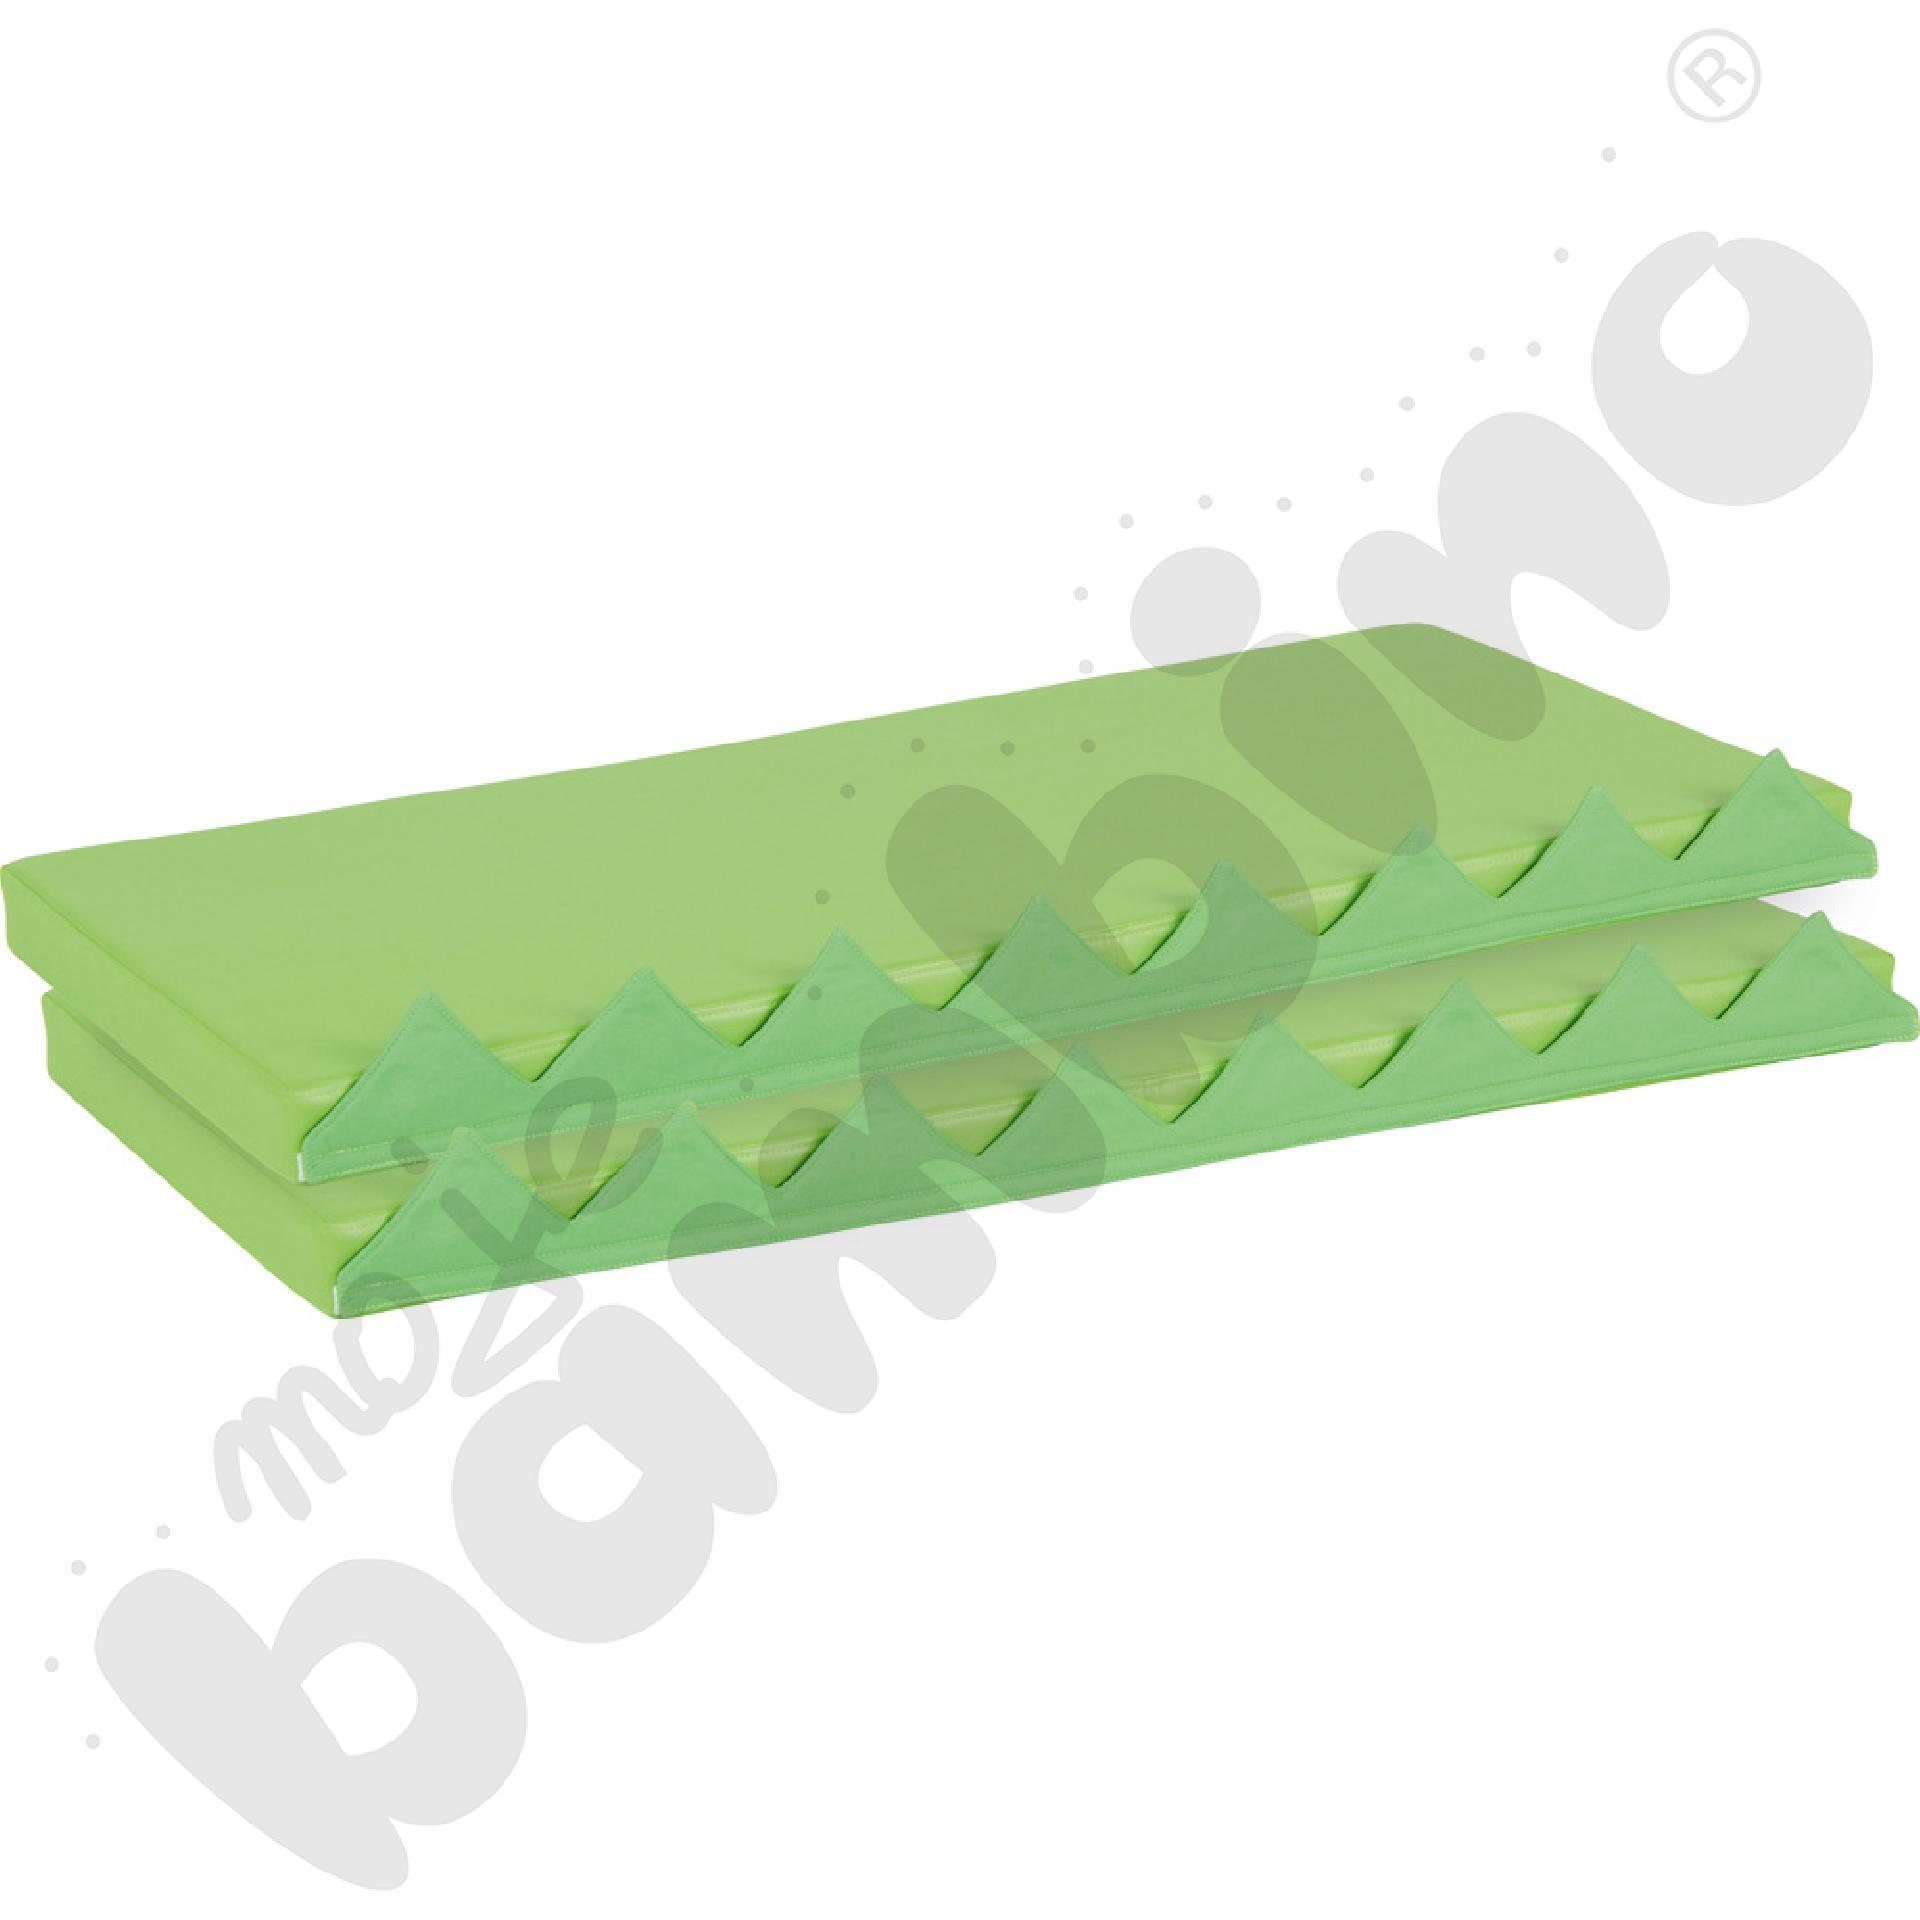 Materace prostokątne z motywem trawy,  2 szt. - zielone